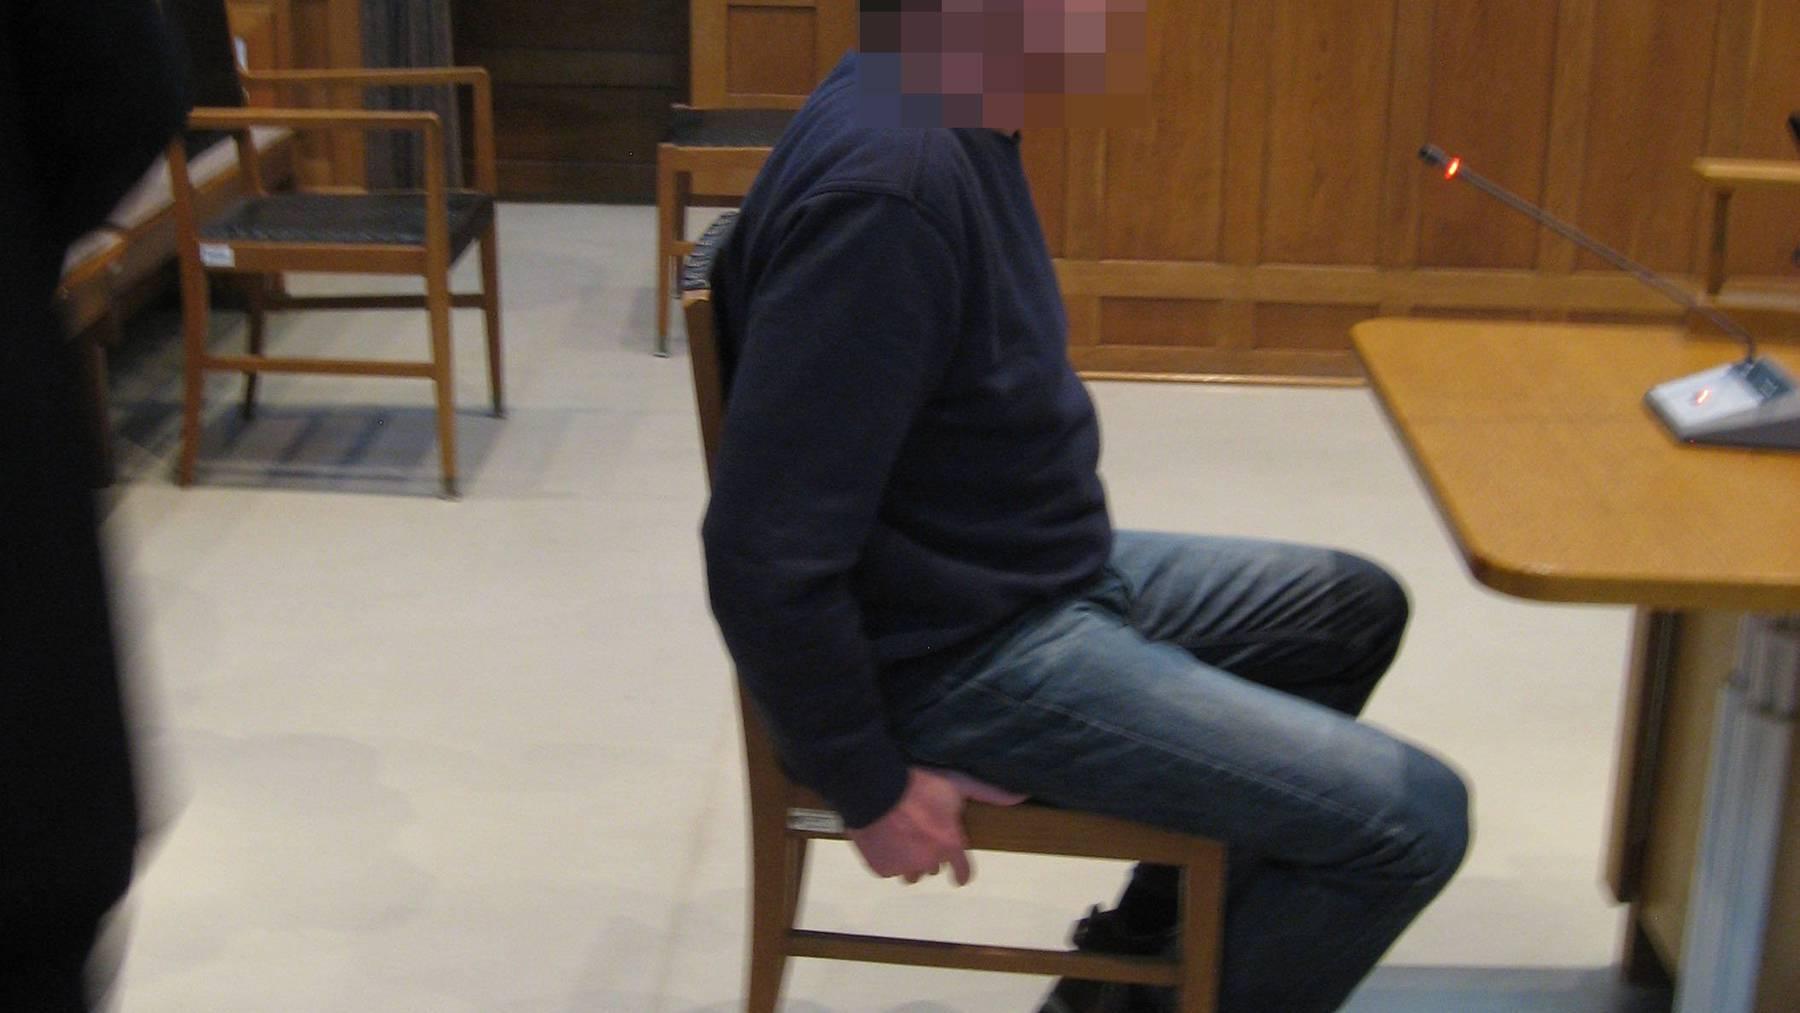 Peter K. musste sich am 18. Dezember wegen 14 Raubüberfällen vor Landesgericht Feldkirch verantworten.